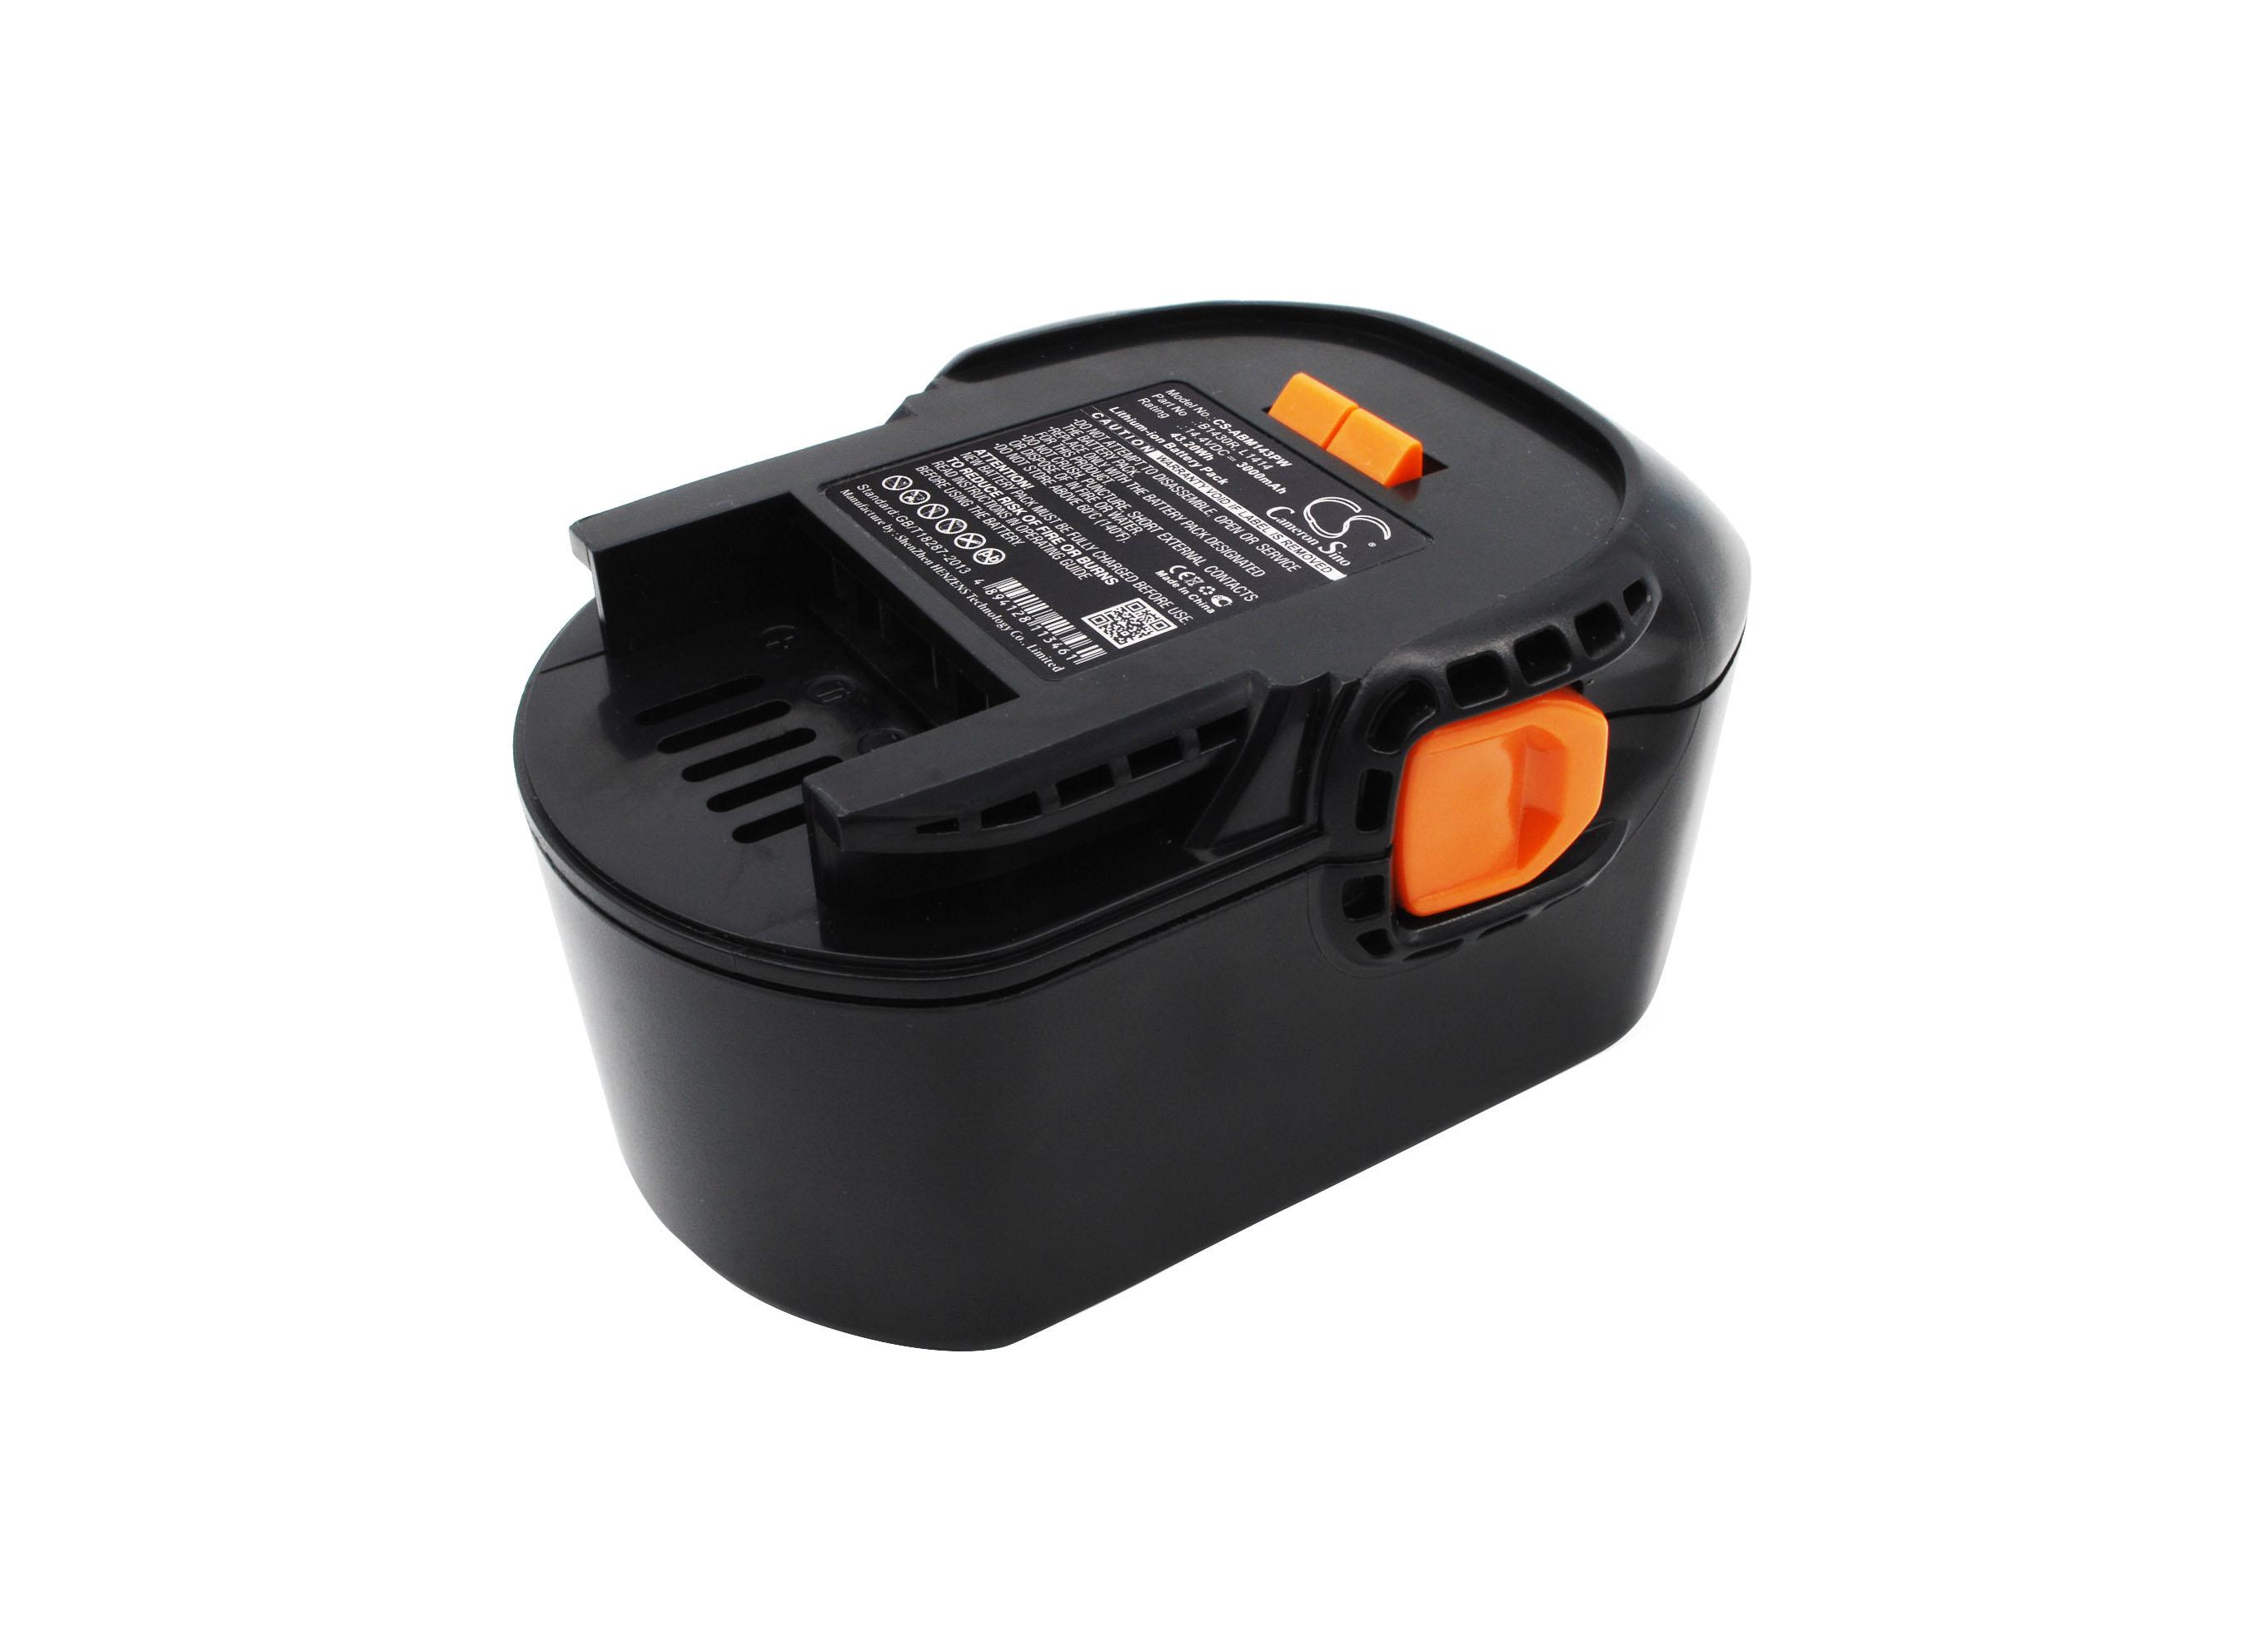 Cameron Sino baterie do nářadí pro AEG BBM 14 STX-R 14.4V Li-ion 3000mAh černá - neoriginální